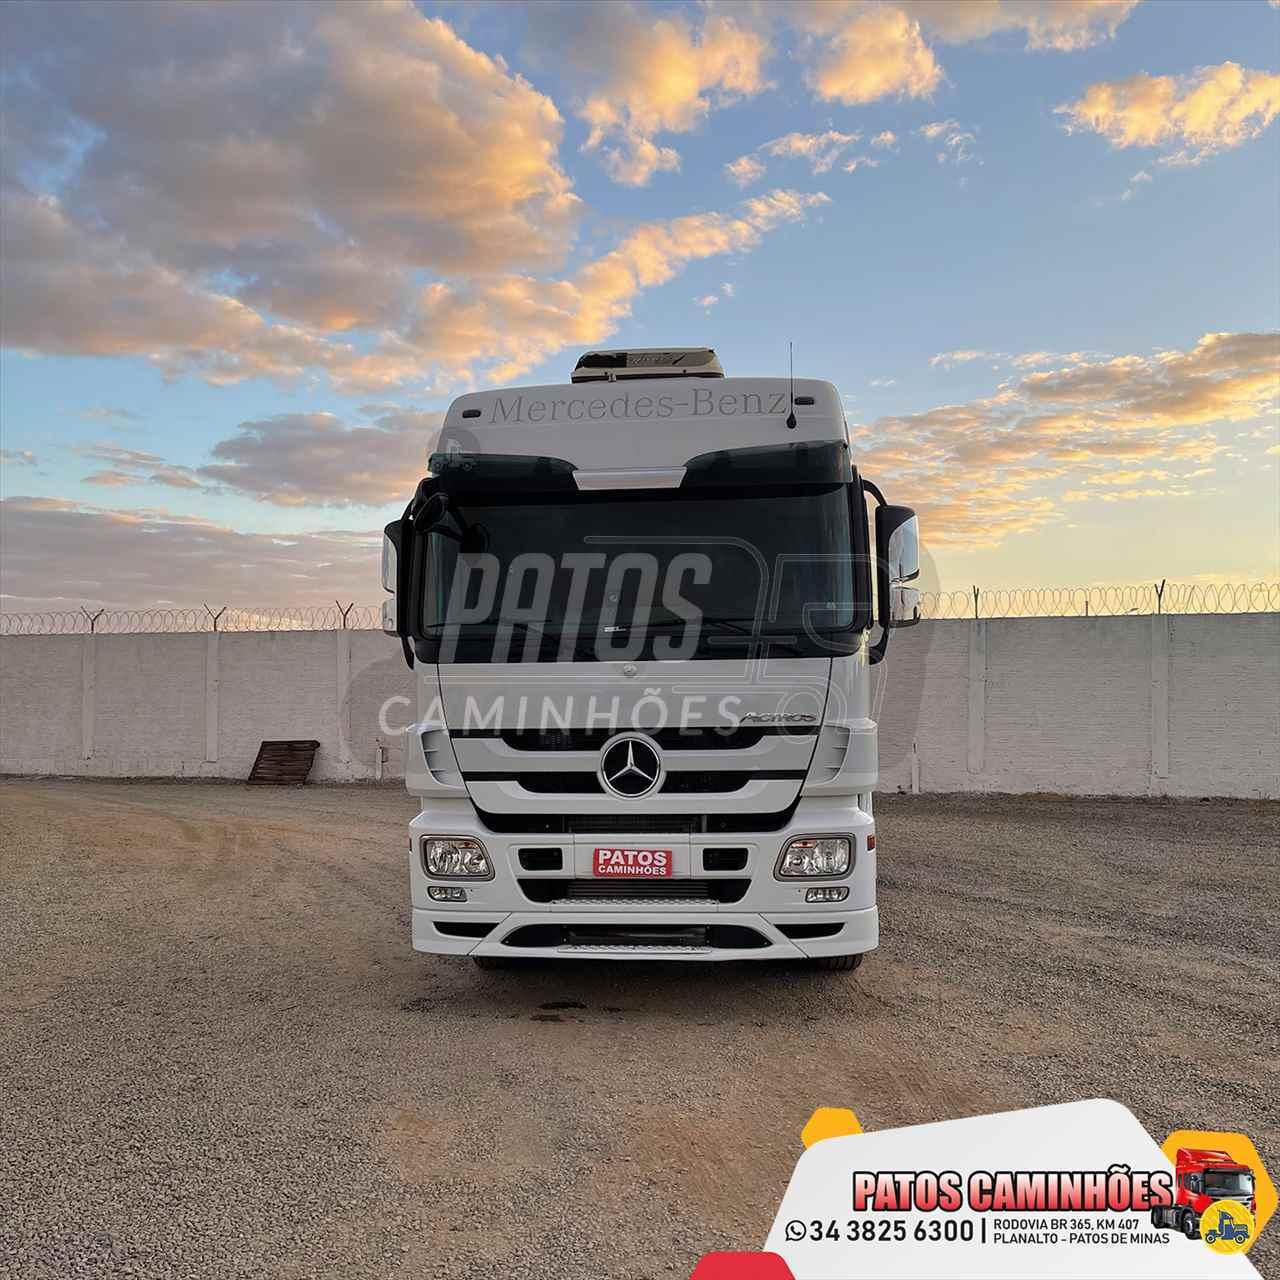 CAMINHAO MERCEDES-BENZ MB 2546 Cavalo Mecânico Traçado 6x4 Patos Caminhões PATOS DE MINAS MINAS GERAIS MG